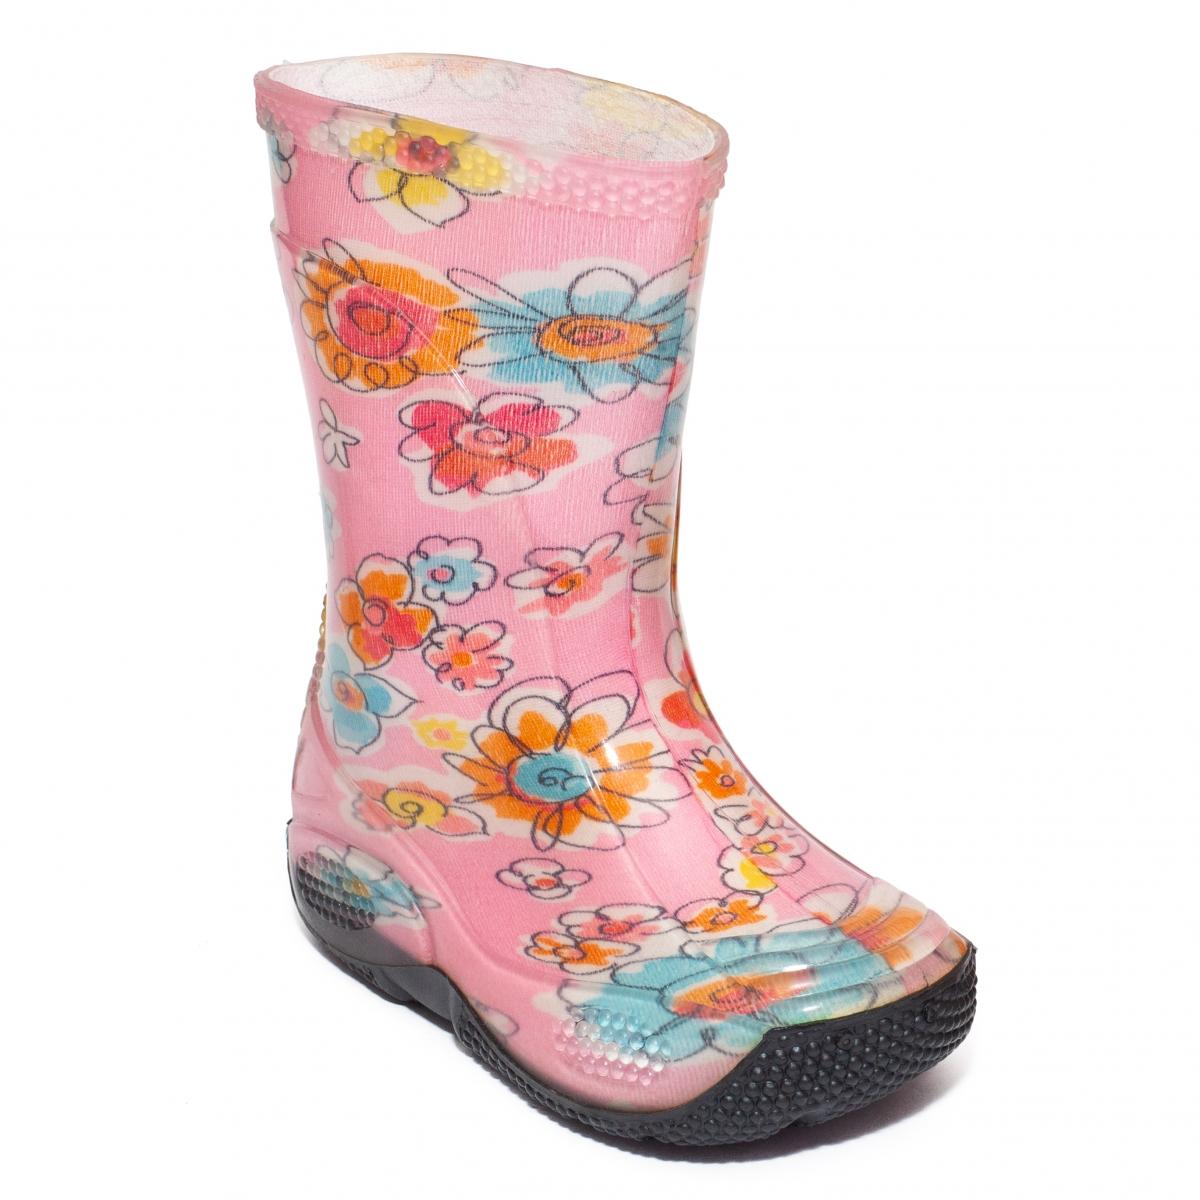 Cizme fete de ploaie din cauciuc 2 roz flori 20-30